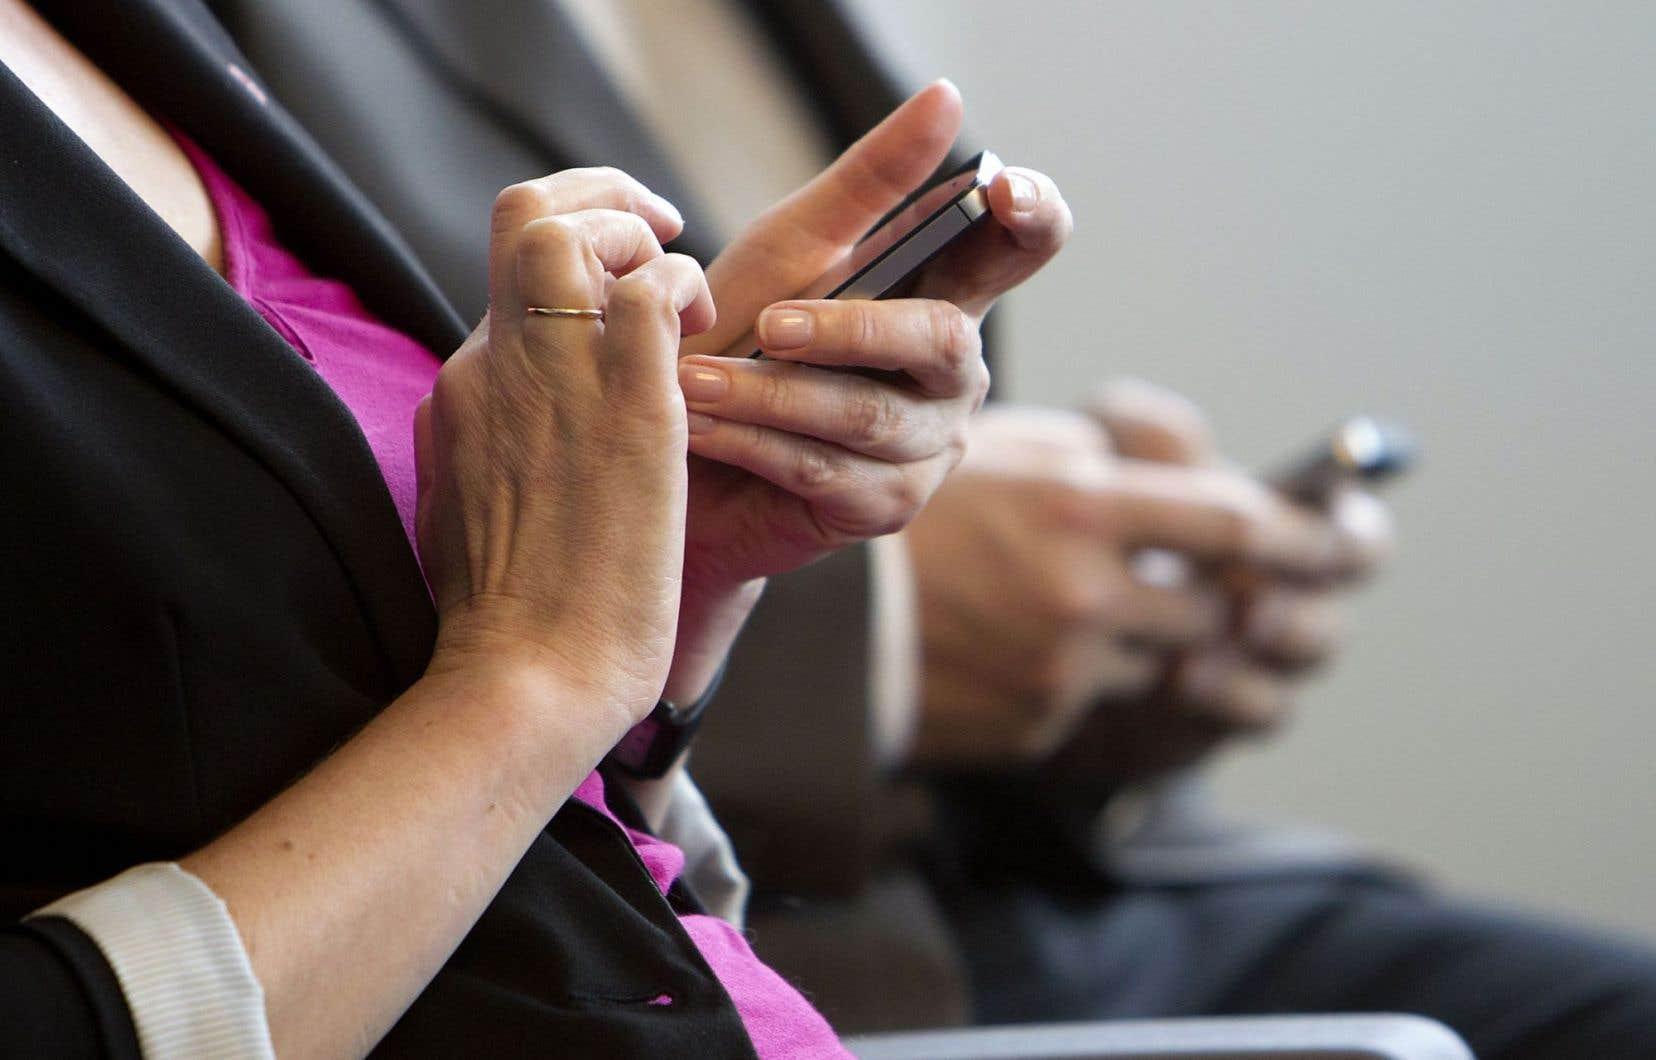 «Les internautes canadiens, tant anglophones que francophones, se montrent plutôt critiques à l'égard des médias sociaux», soulignent les auteurs.